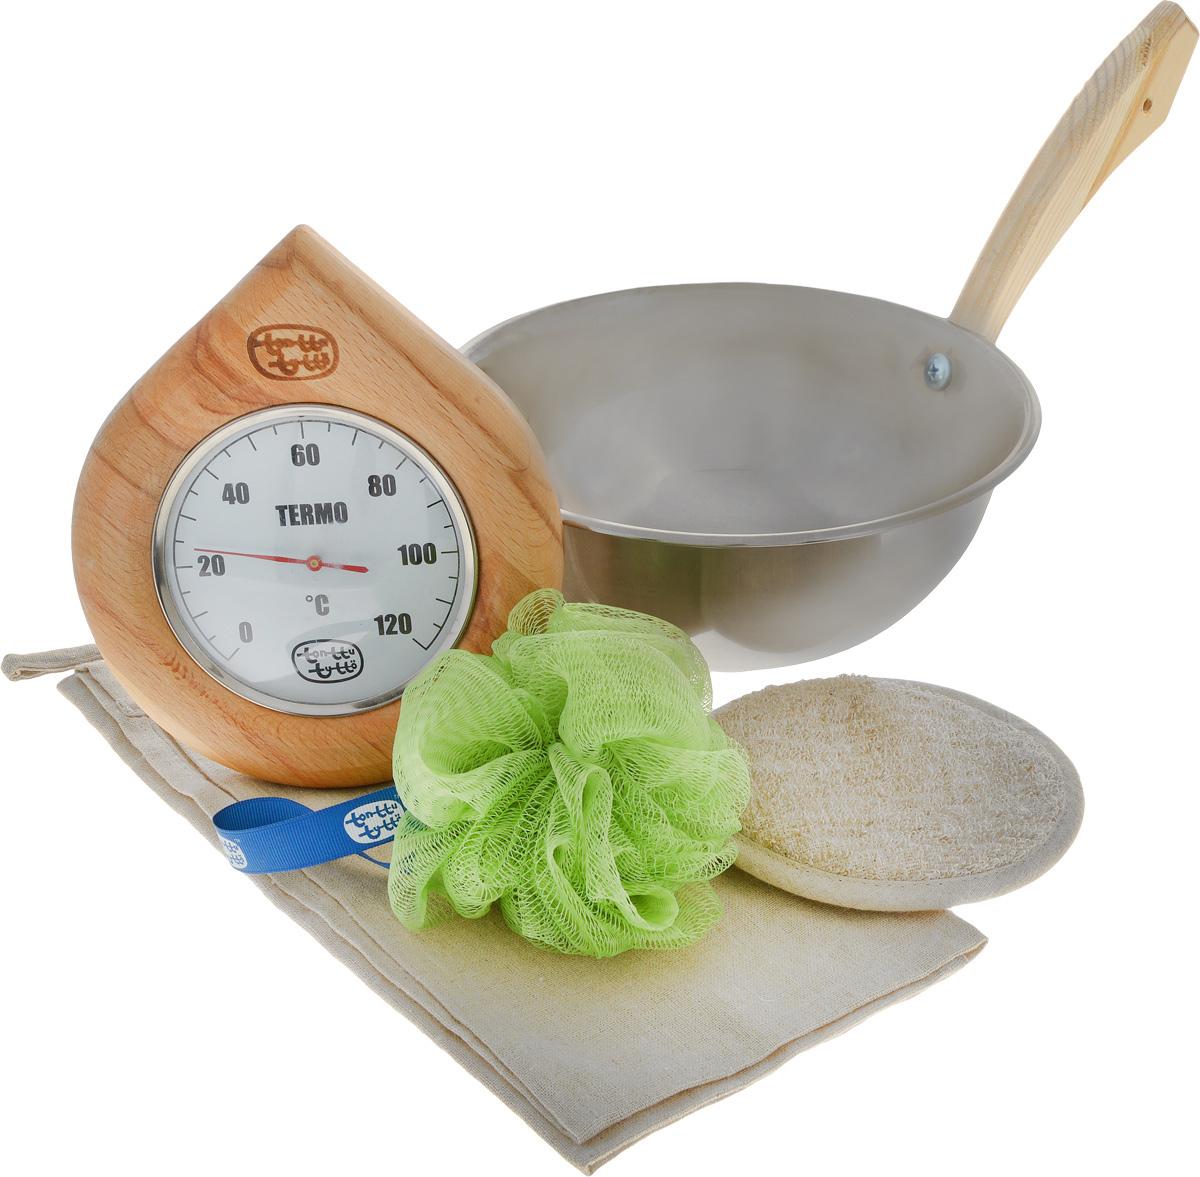 Набор для бани и сауны Доктор Баня Подарочный №3, 5 предметов787502Набор для бани и сауны Доктор Баня Подарочный №3 включает в себя: - Термометр, корпус которого выполнен из древесины. Он покажет температуру и не останется незамеченным для посетителей бани;- Ковш-черпак, изготовленный из металла с деревянной ручкой;- Мочалку, выполненную из льна и хлопка; - Синтетический спонж из нейлона;- Салфетку, изготовленную из льна и хлопка, которая убережет вас от горячей полки.Такой набор поможет с удовольствием и пользой провести время в бане, а также станет чудесным подарком друзьям и знакомым, которые по достоинству его оценят при первом же использовании.Размер салфетки: 44 х 60 см.Диаметр мочалки: 13 см.Диаметр ковша: 22 см.Высота ковша: 9 см.Длина ручки ковша: 18 см.